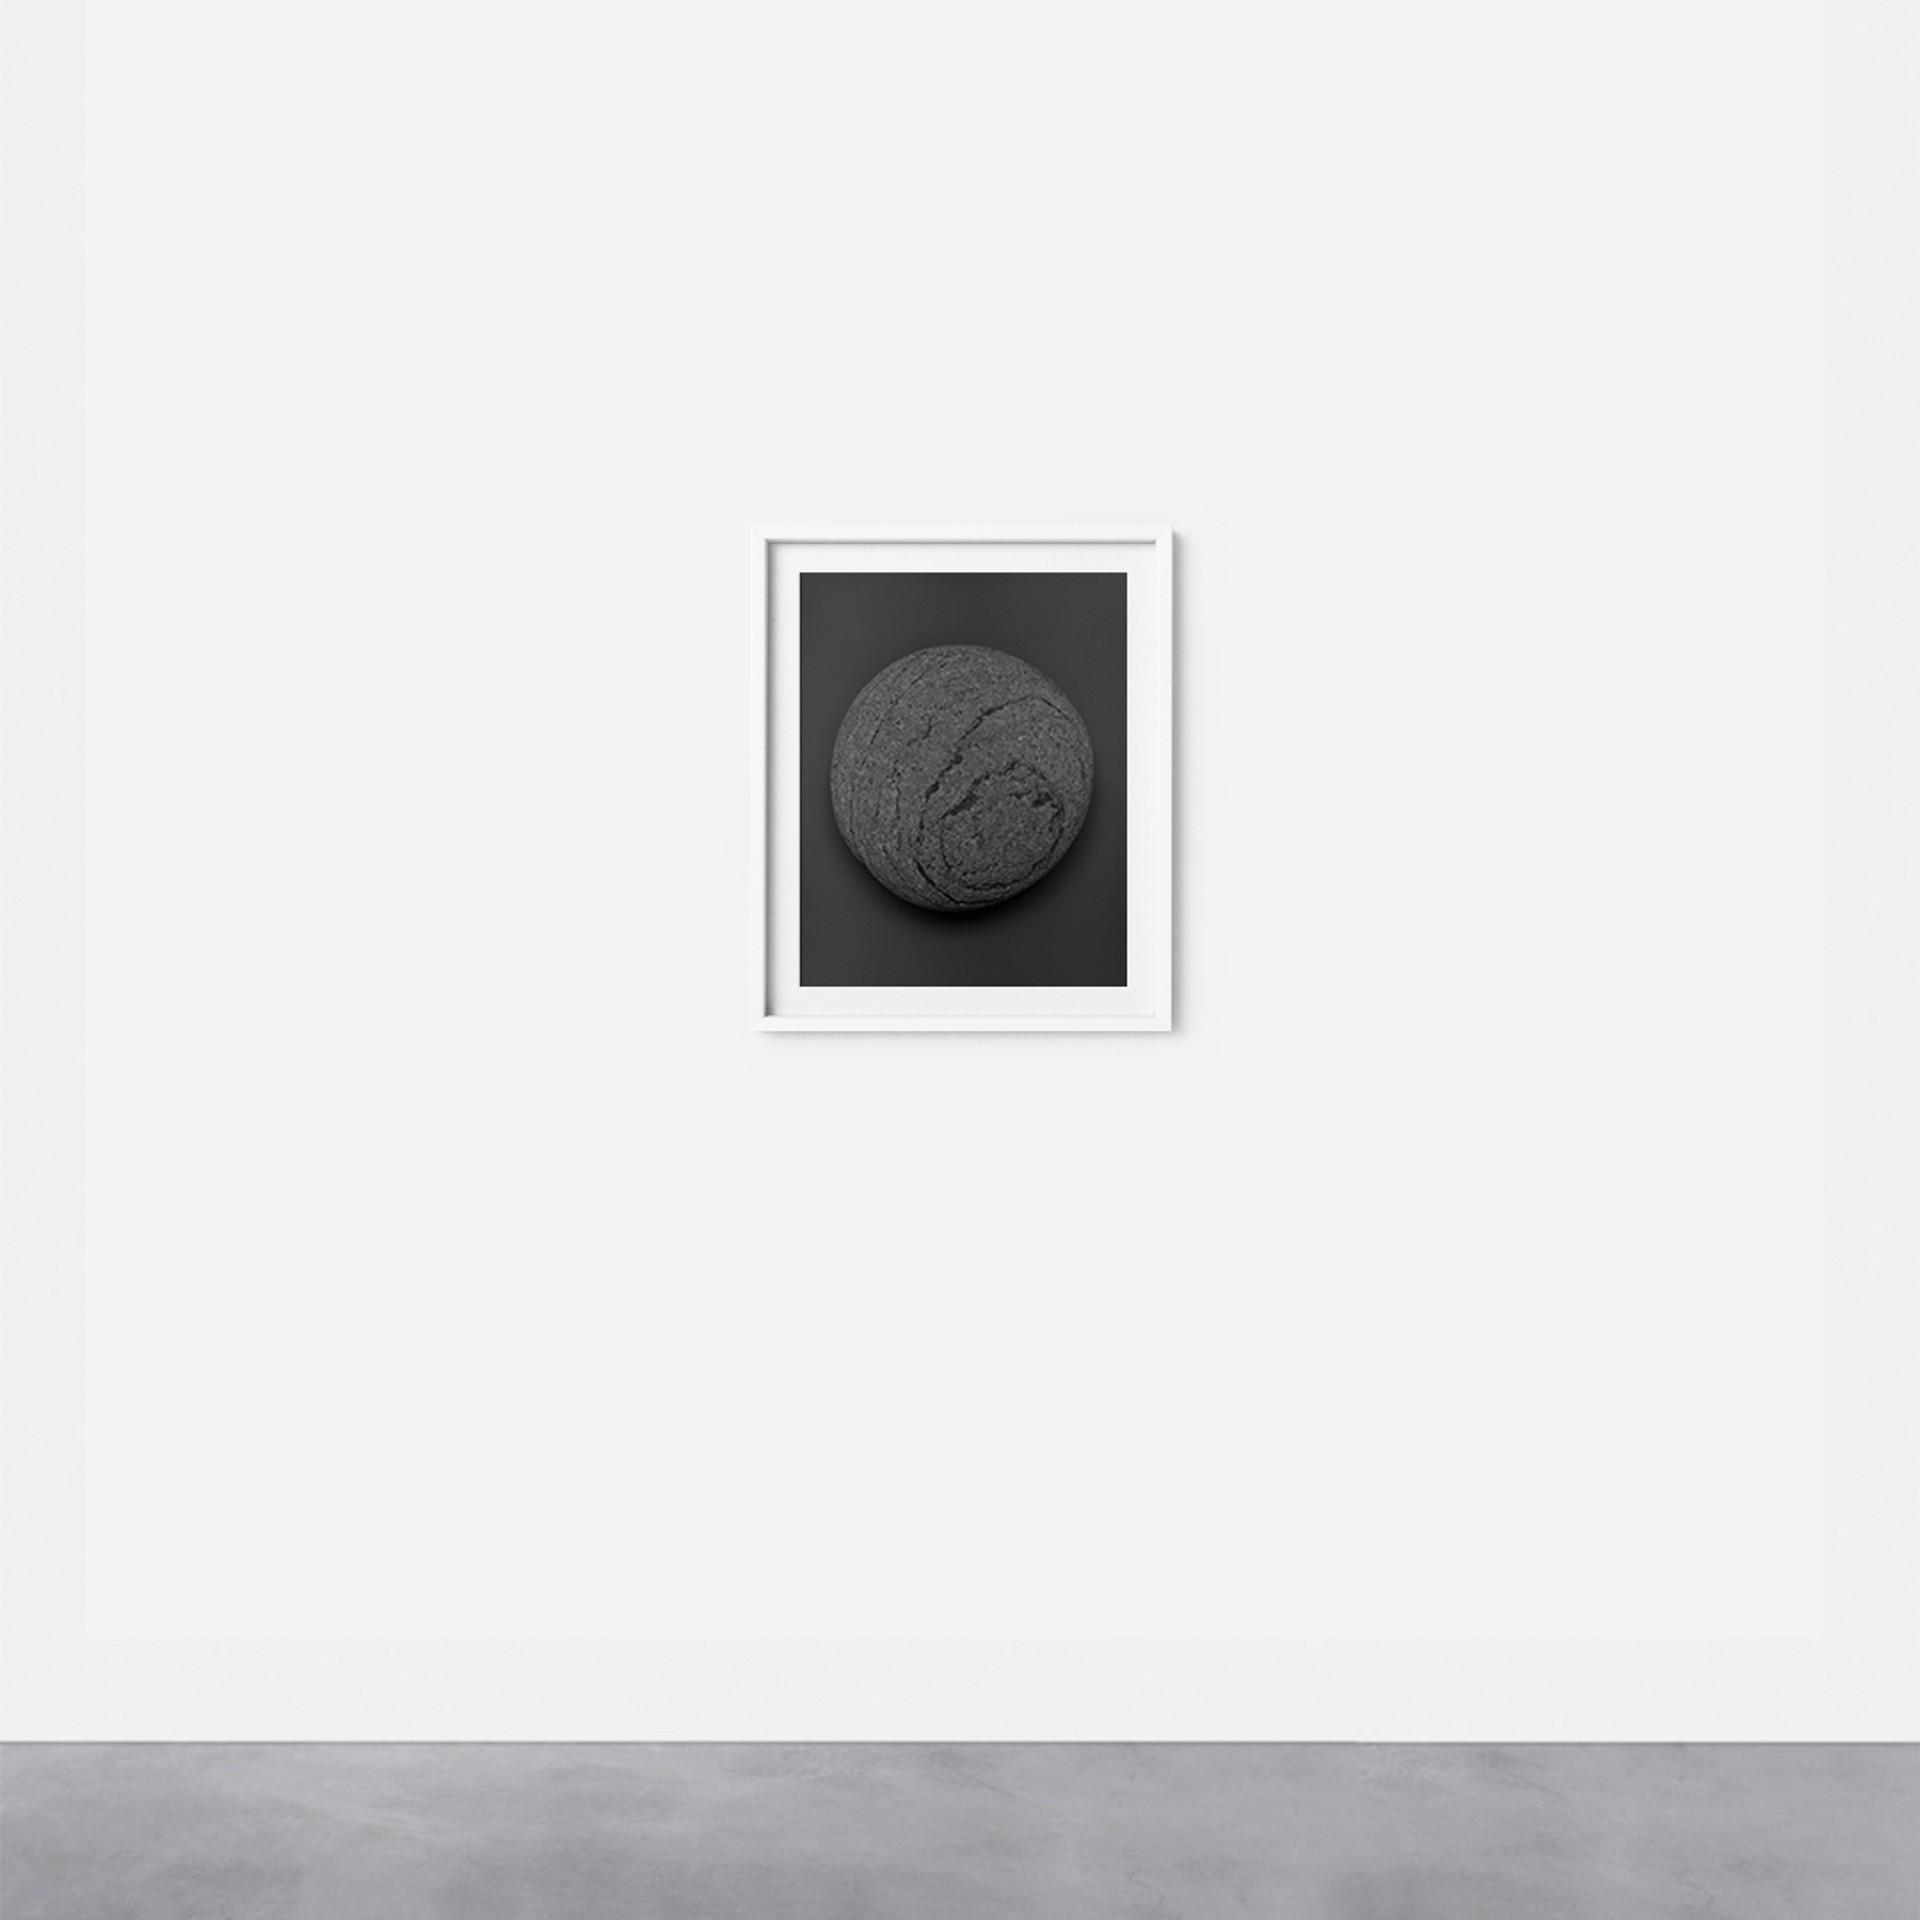 Shadow stone #10 by Gabriella Imperatori-Penn